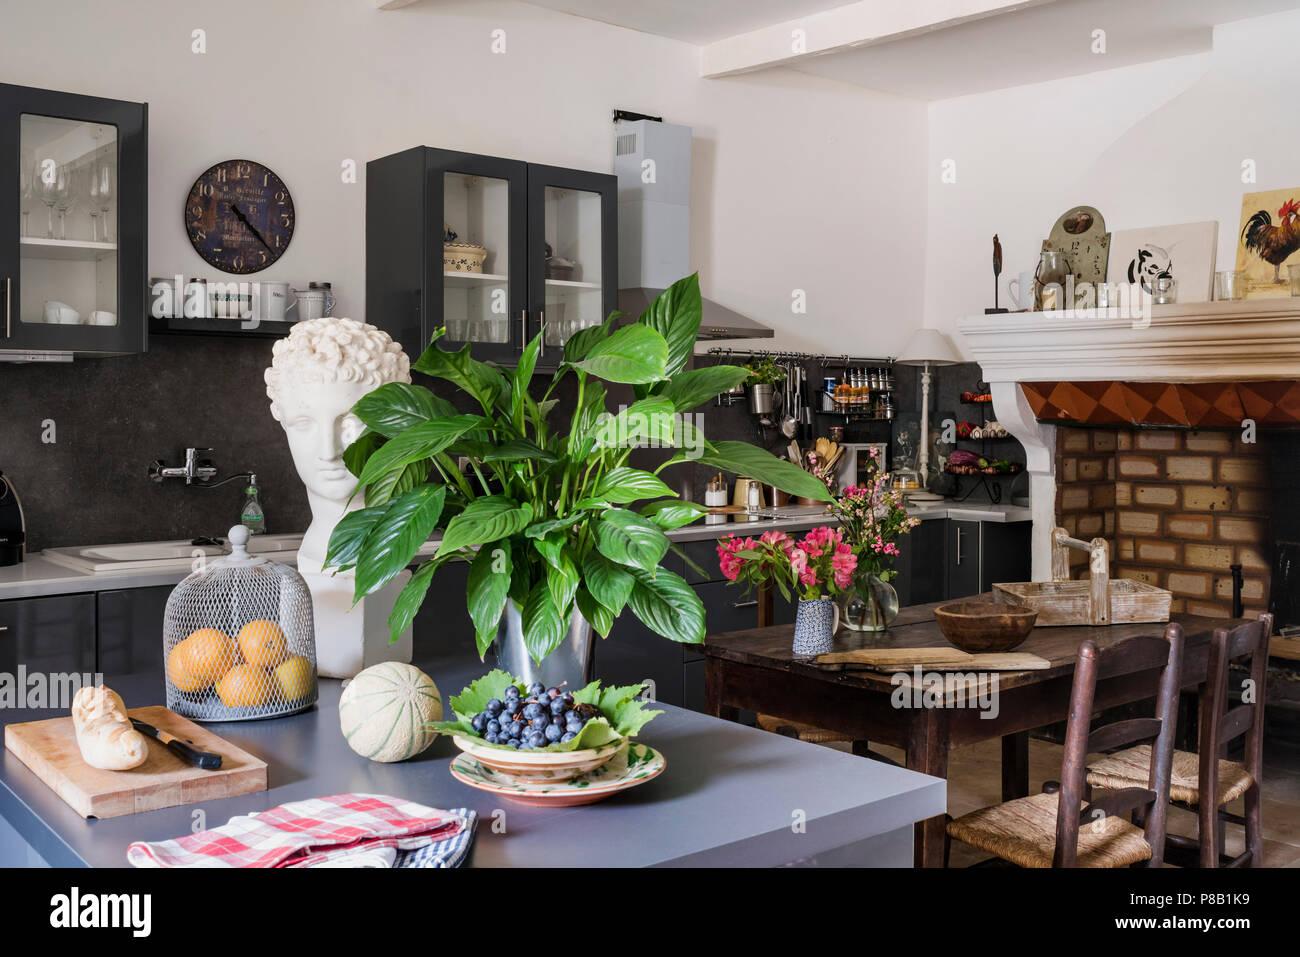 moderne k che und kochinsel mit alten kamin erhalten 19. Black Bedroom Furniture Sets. Home Design Ideas